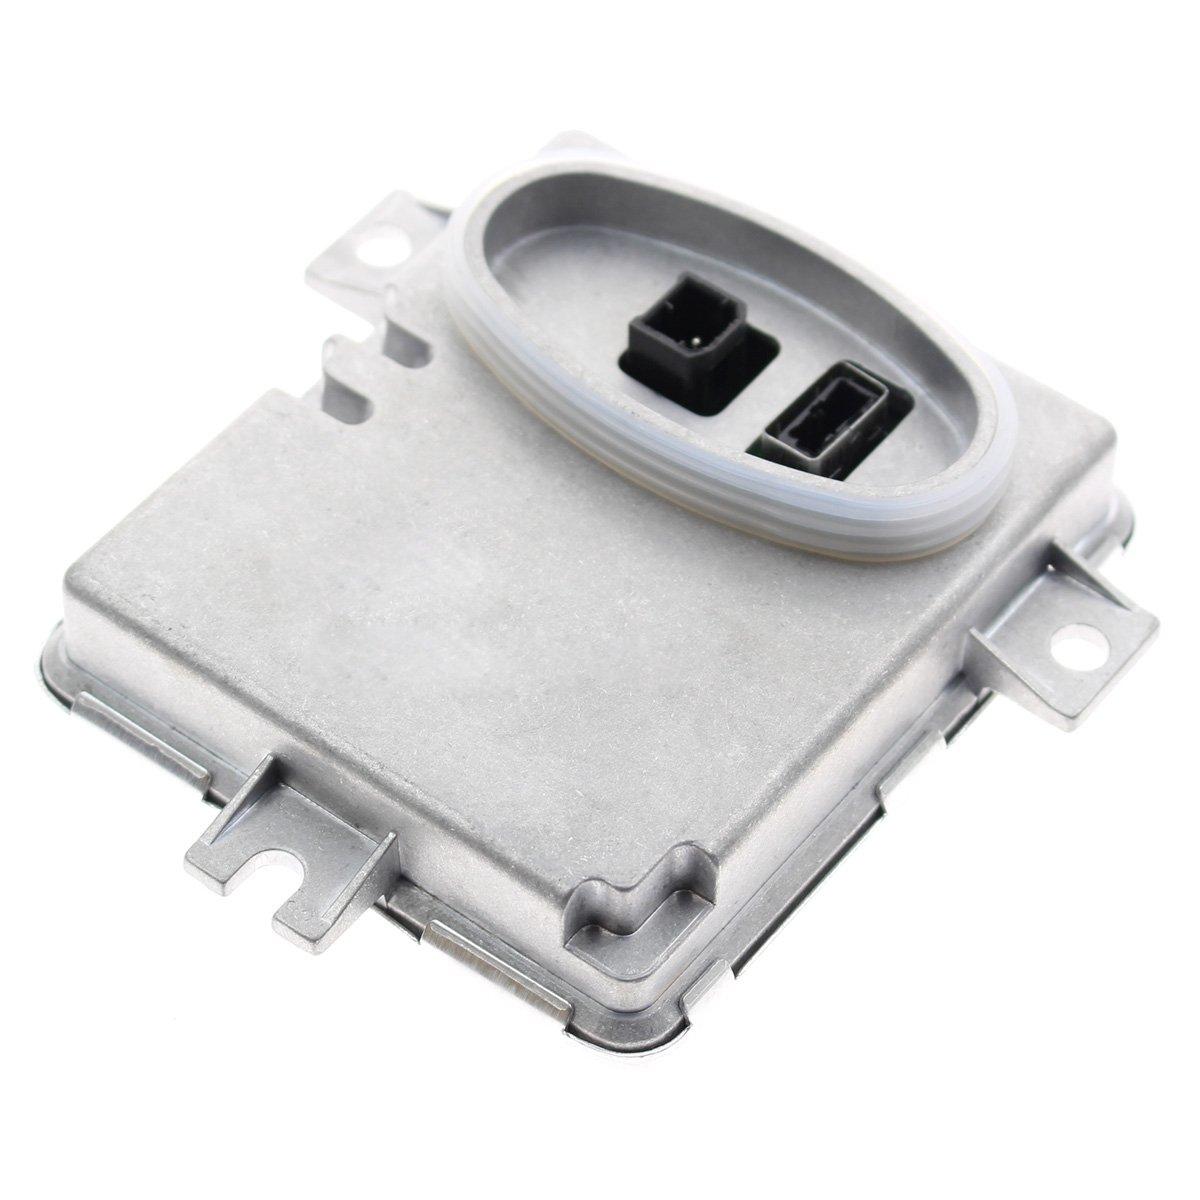 GooDeal Xenon Ballast HID Headlight Igniter Control for 2006-08 BMW 3-Series E90 E91